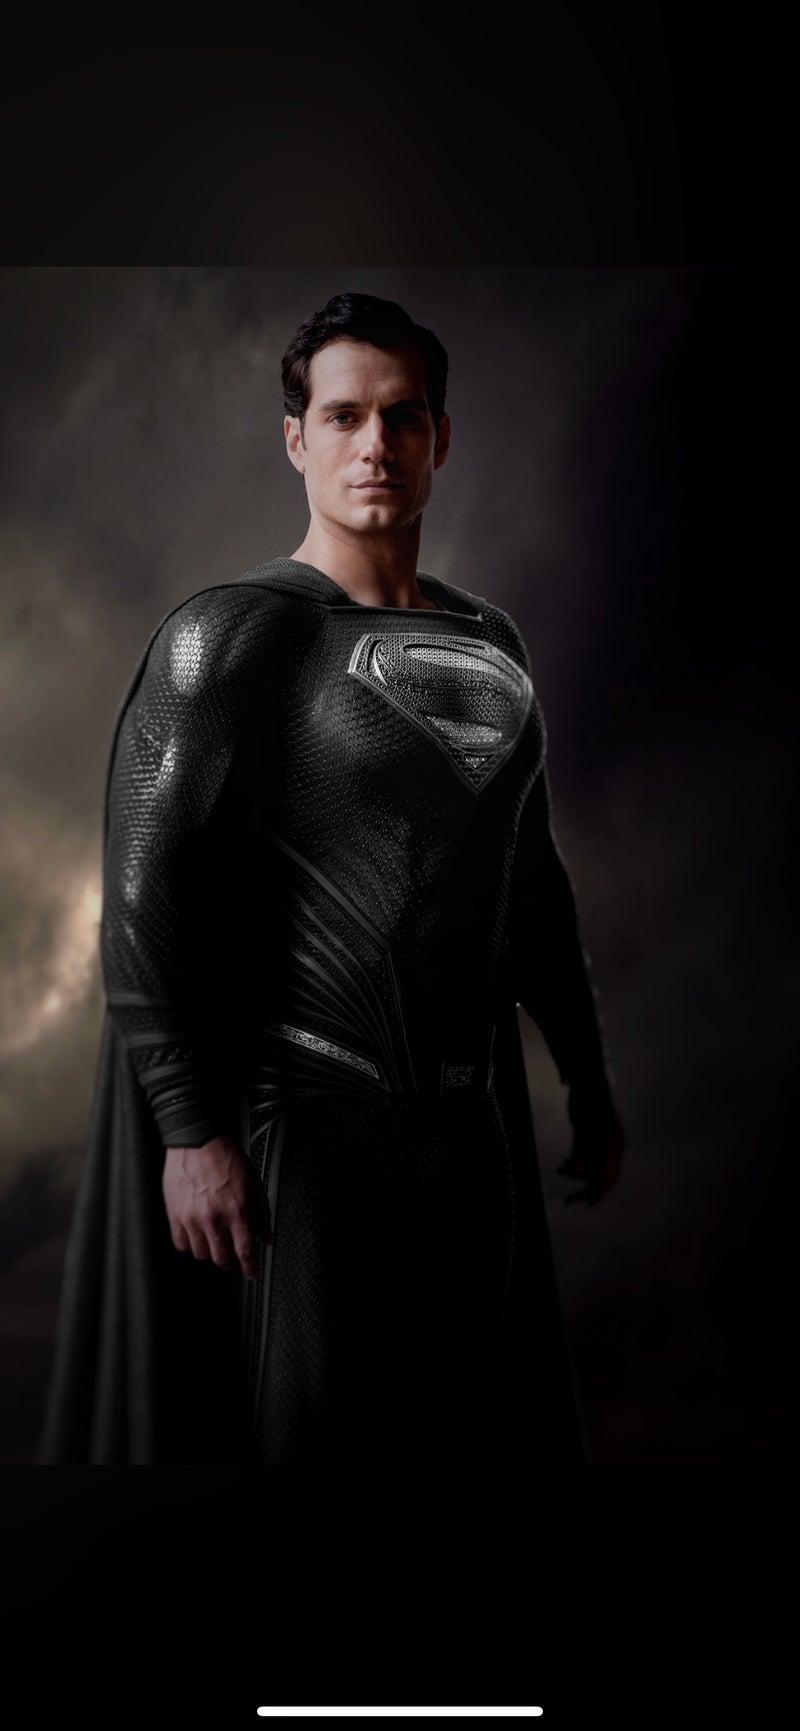 zack snyder black suit superman